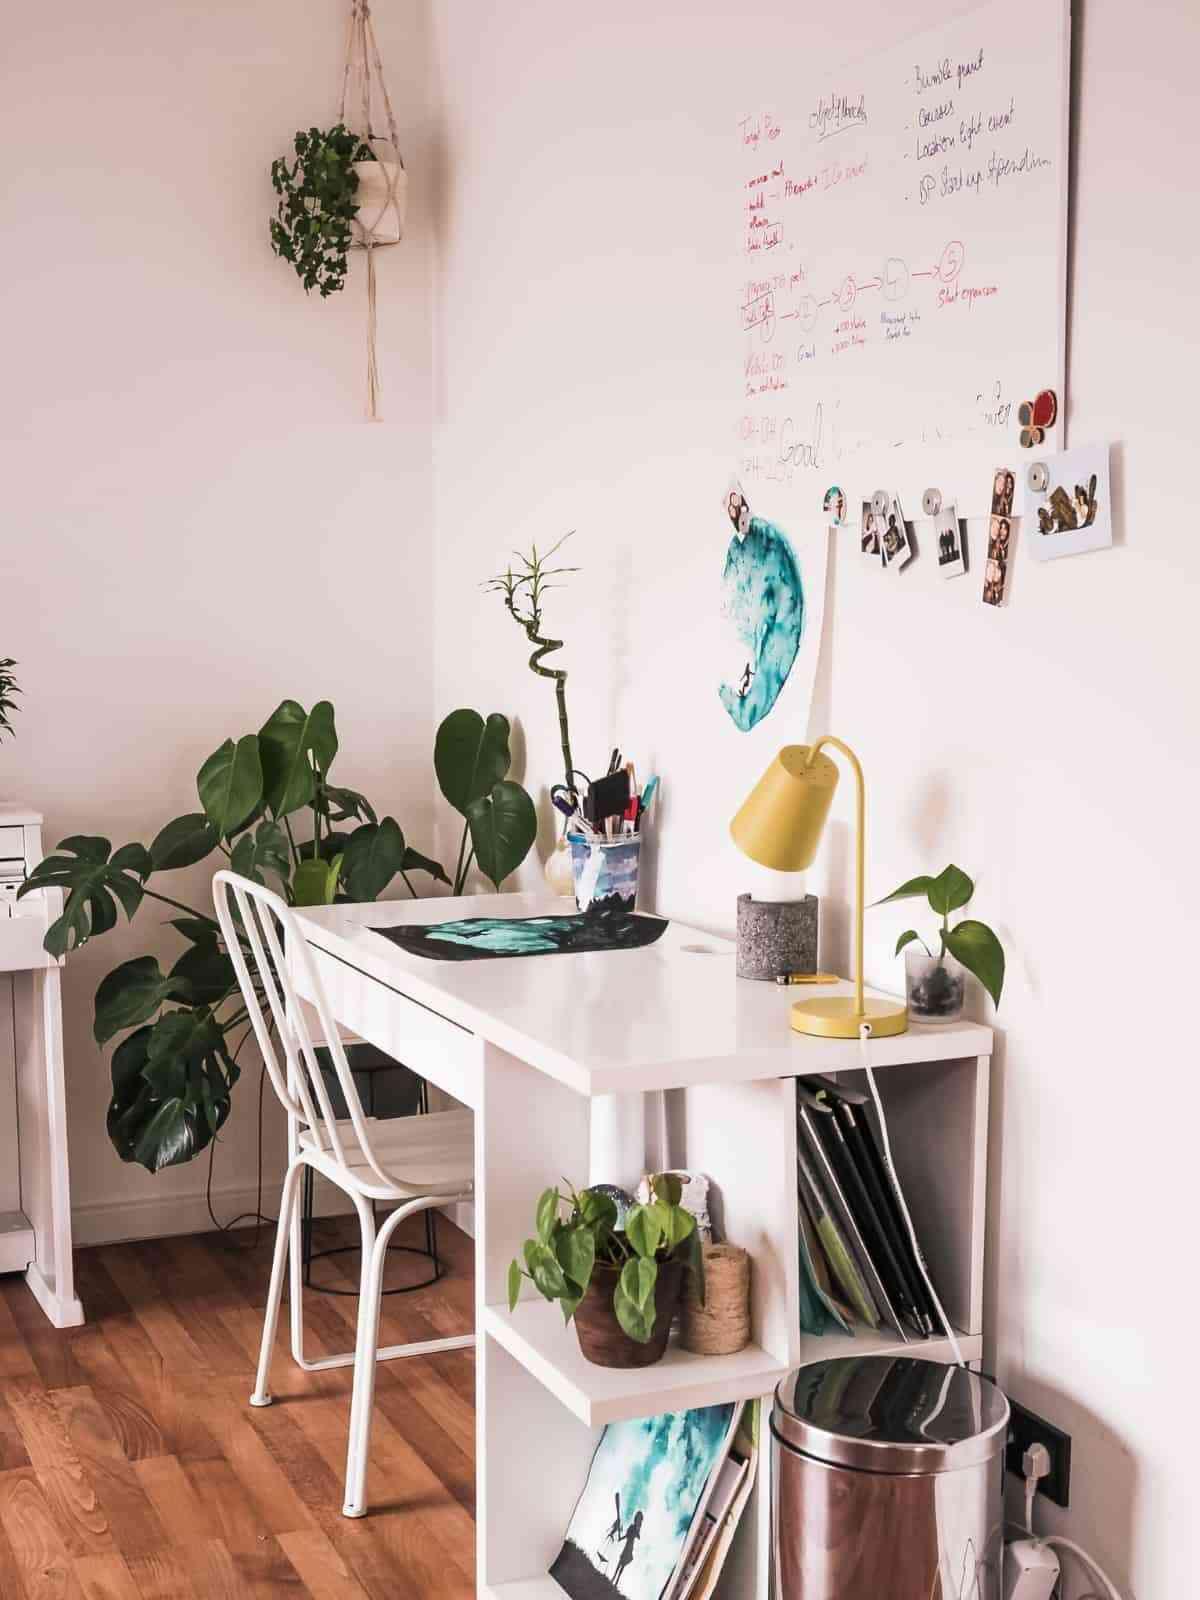 plantas y macrame para decoracion